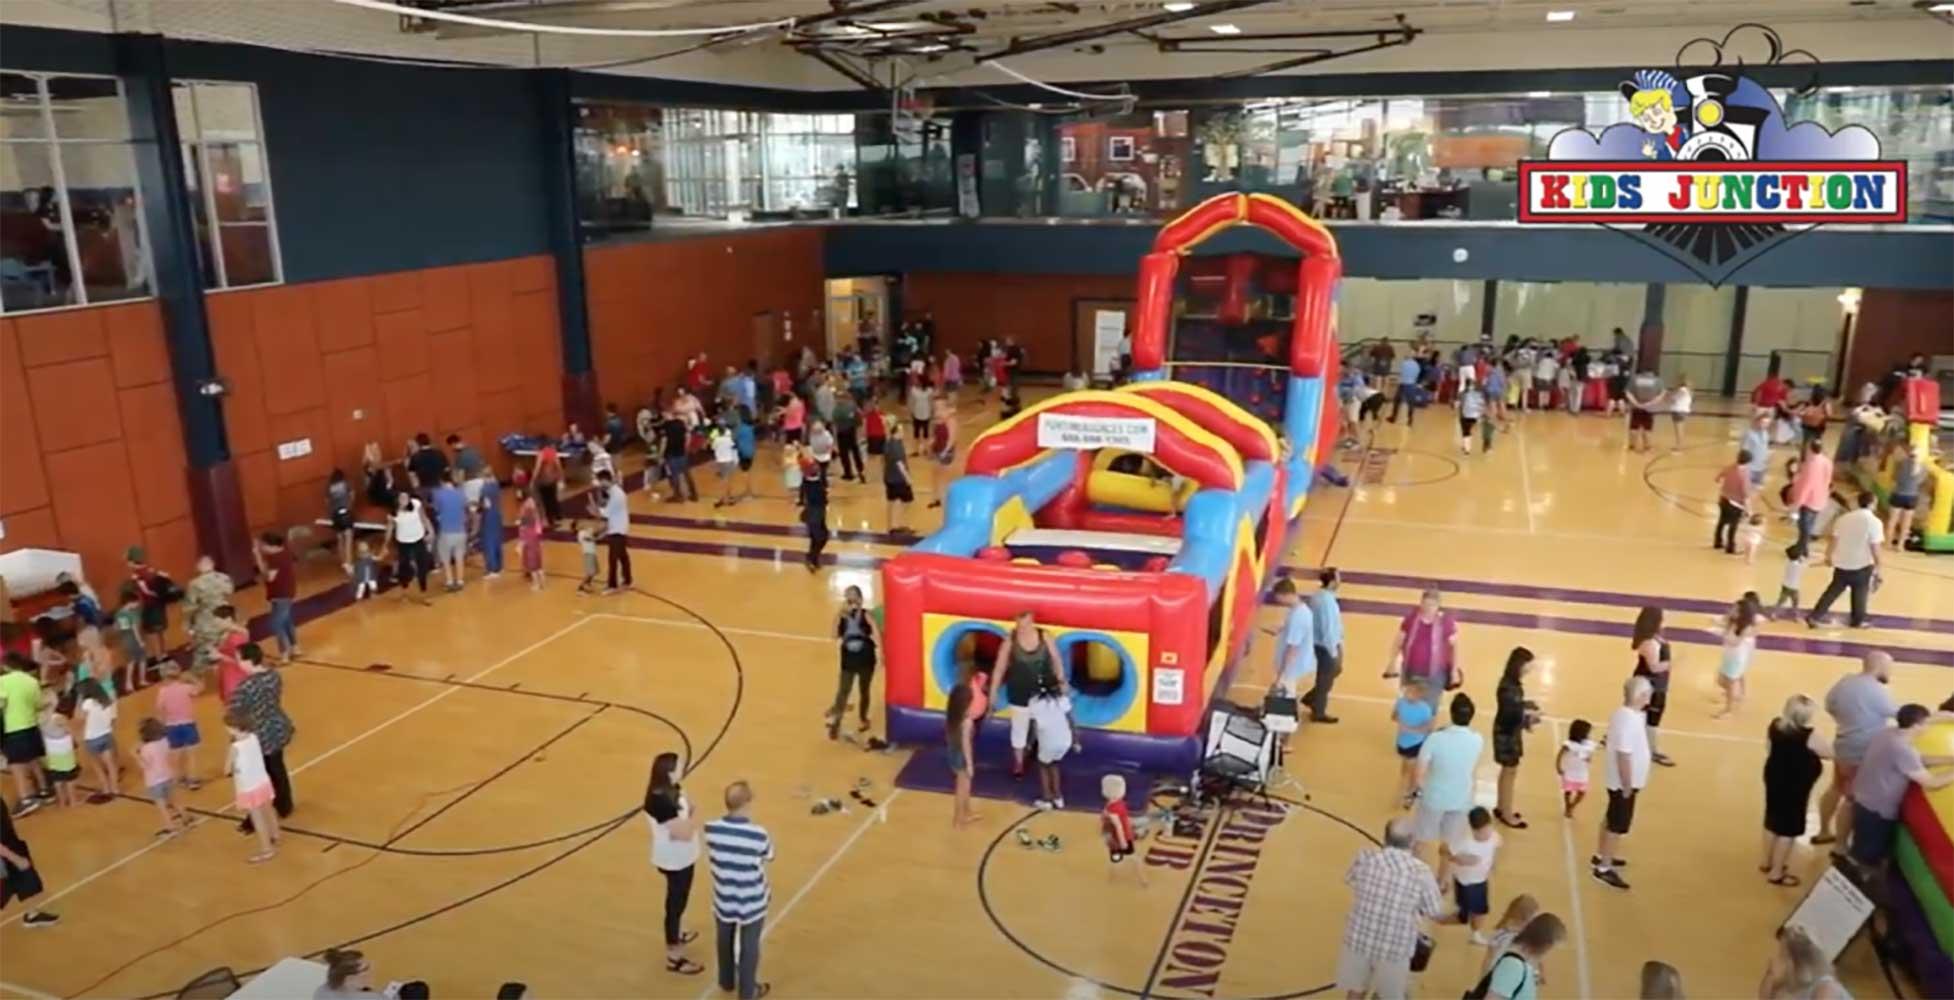 Kids Junction Carnival